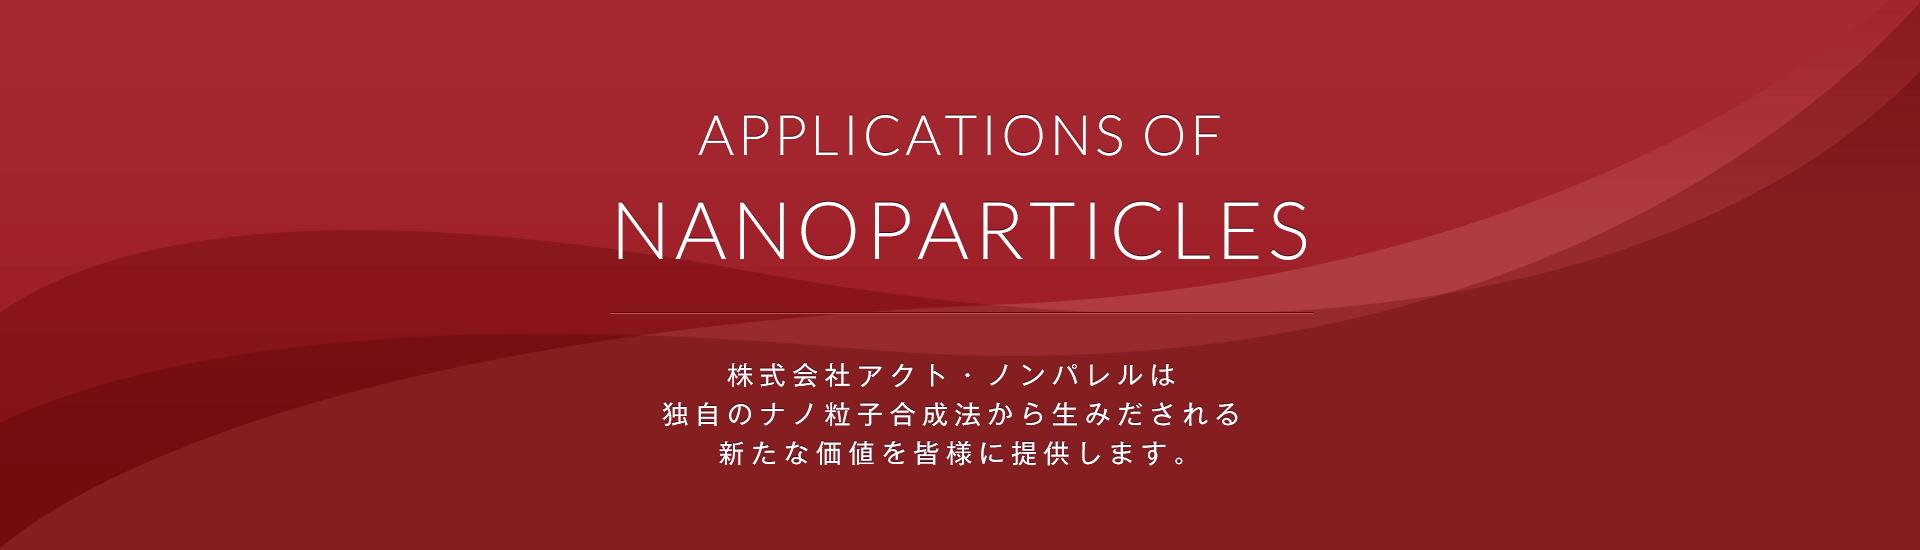 株式会社アクト・ノンパレルは 独自のナノ粒子合成法から生みだされる 新たな価値を皆様に提供します。